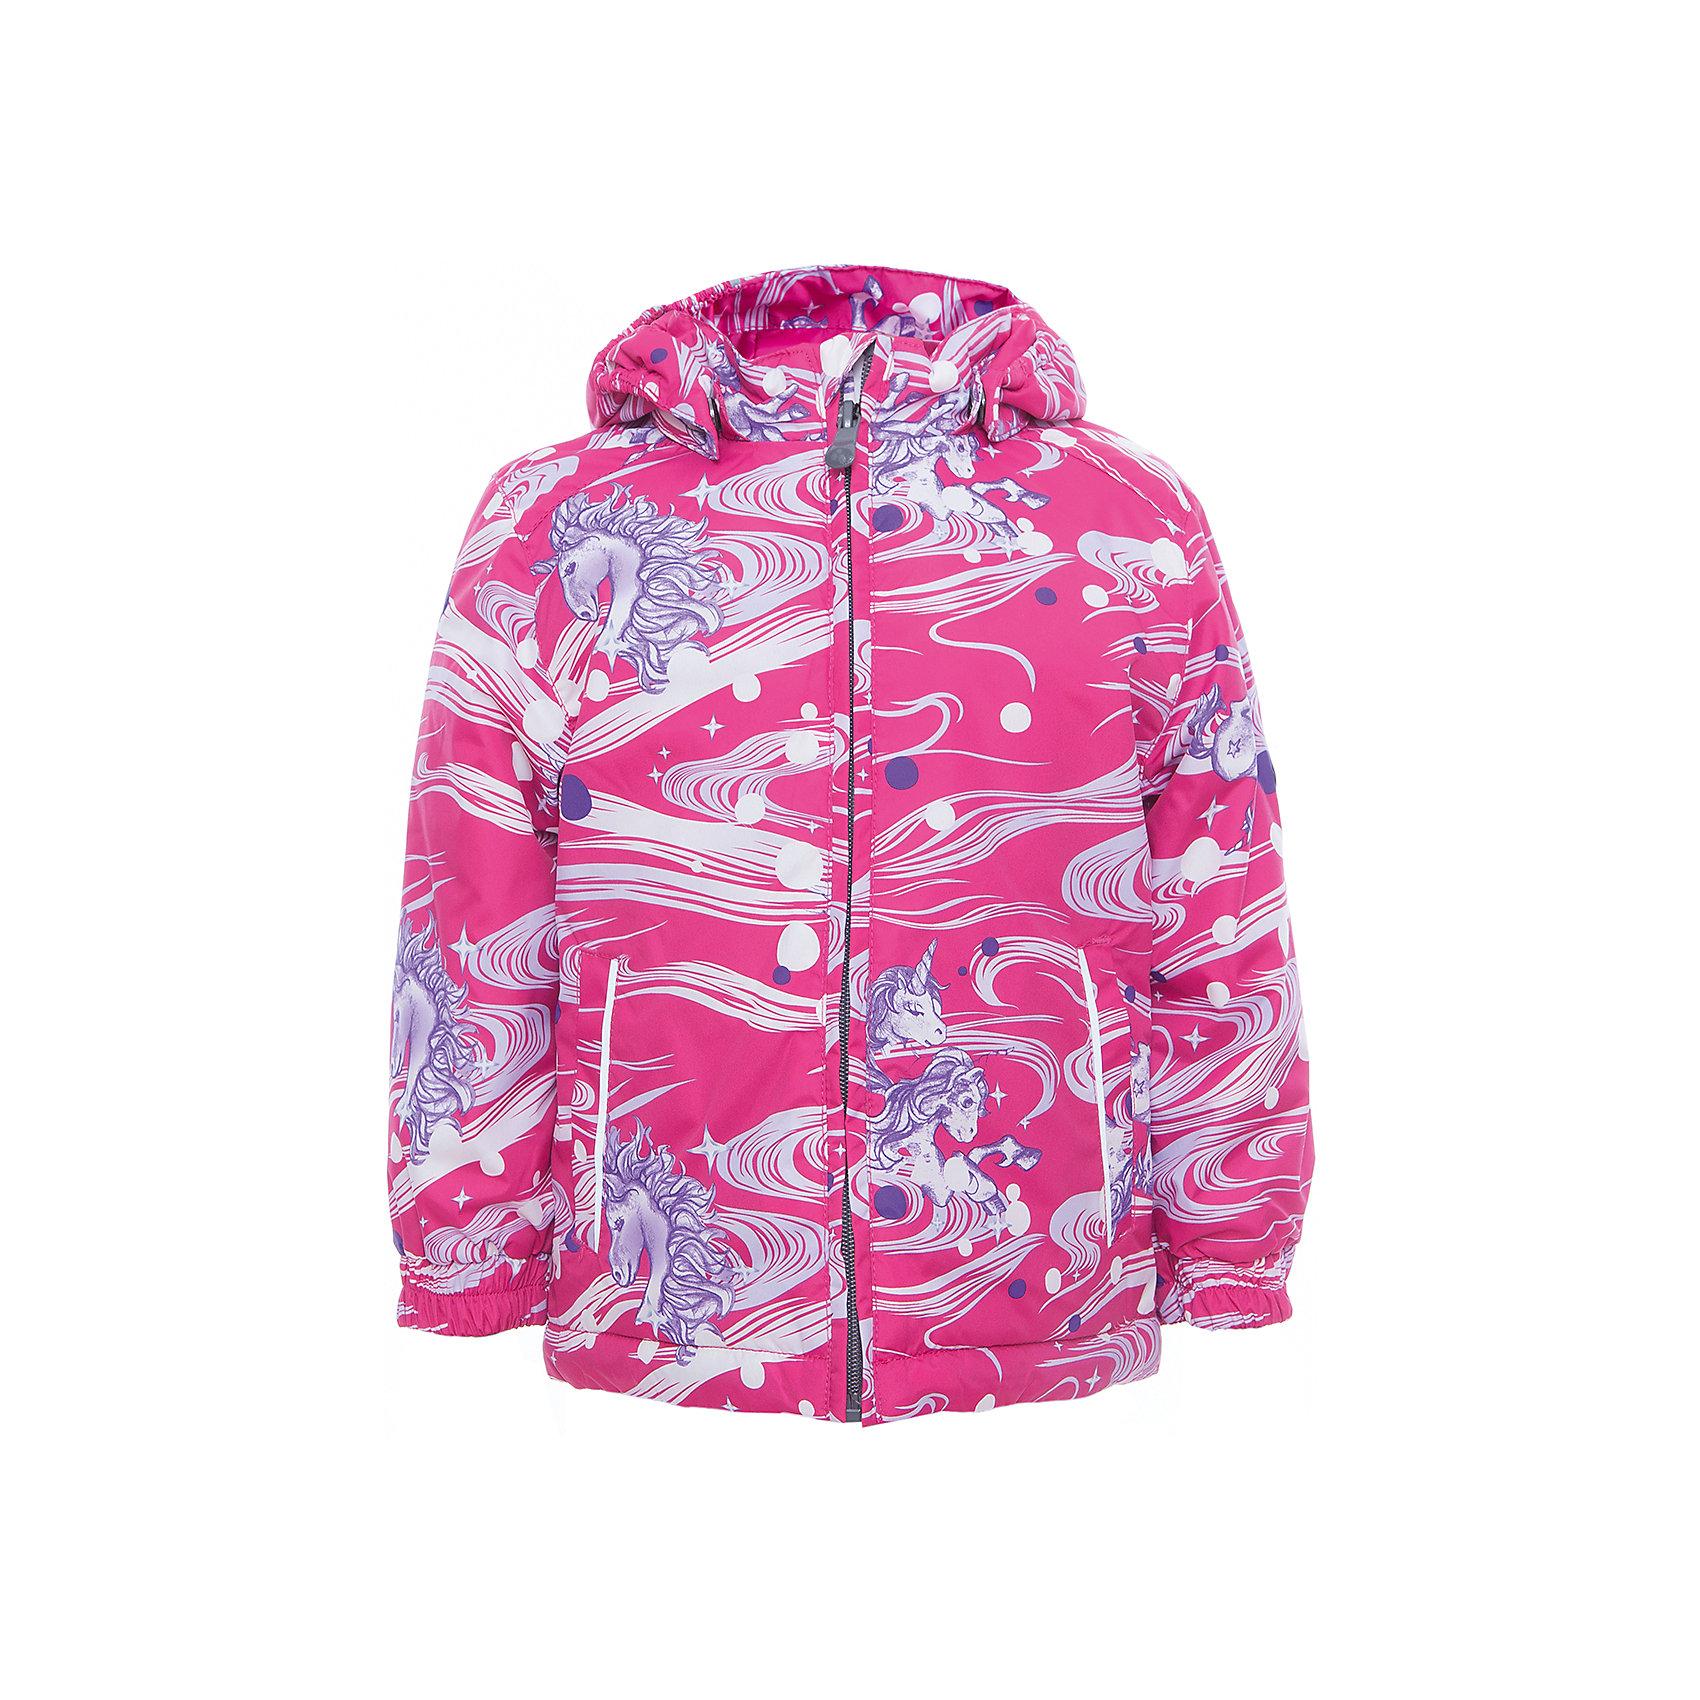 Куртка JODY для девочки HuppaХарактеристики товара:<br><br>• цвет: розовый<br>• ткань: 100% полиэстер<br>• подкладка: тафта - 100% полиэстер<br>• утеплитель: 100% полиэстер 100 г<br>• температурный режим: от -5°С до +15°С<br>• водонепроницаемость: 10000 мм<br>• воздухопроницаемость: 10000 мм<br>• светоотражающие детали<br>• эластичные манжеты<br>• молния<br>• съёмный капюшон<br>• комфортная посадка<br>• коллекция: весна-лето 2017<br>• страна бренда: Эстония<br><br>Эта стильная куртка обеспечит детям тепло и комфорт. Она сделана из материала, отталкивающего воду, и дополнено подкладкой с утеплителем, поэтому изделие идеально подходит для межсезонья. Материал изделия - с мембранной технологией: защищая от влаги и ветра, он легко выводит лишнюю влагу наружу. Для удобства сделан капюшон. Куртка очень симпатично смотрится, яркая расцветка и крой добавляют ему оригинальности. Модель была разработана специально для детей.<br><br>Одежда и обувь от популярного эстонского бренда Huppa - отличный вариант одеть ребенка можно и комфортно. Вещи, выпускаемые компанией, качественные, продуманные и очень удобные. Для производства изделий используются только безопасные для детей материалы. Продукция от Huppa порадует и детей, и их родителей!<br><br>Куртку JODY от бренда Huppa (Хуппа) можно купить в нашем интернет-магазине.<br><br>Ширина мм: 356<br>Глубина мм: 10<br>Высота мм: 245<br>Вес г: 519<br>Цвет: фиолетовый<br>Возраст от месяцев: 132<br>Возраст до месяцев: 144<br>Пол: Женский<br>Возраст: Детский<br>Размер: 152,92,98,104,110,116,122,128,134,140,146<br>SKU: 5346973